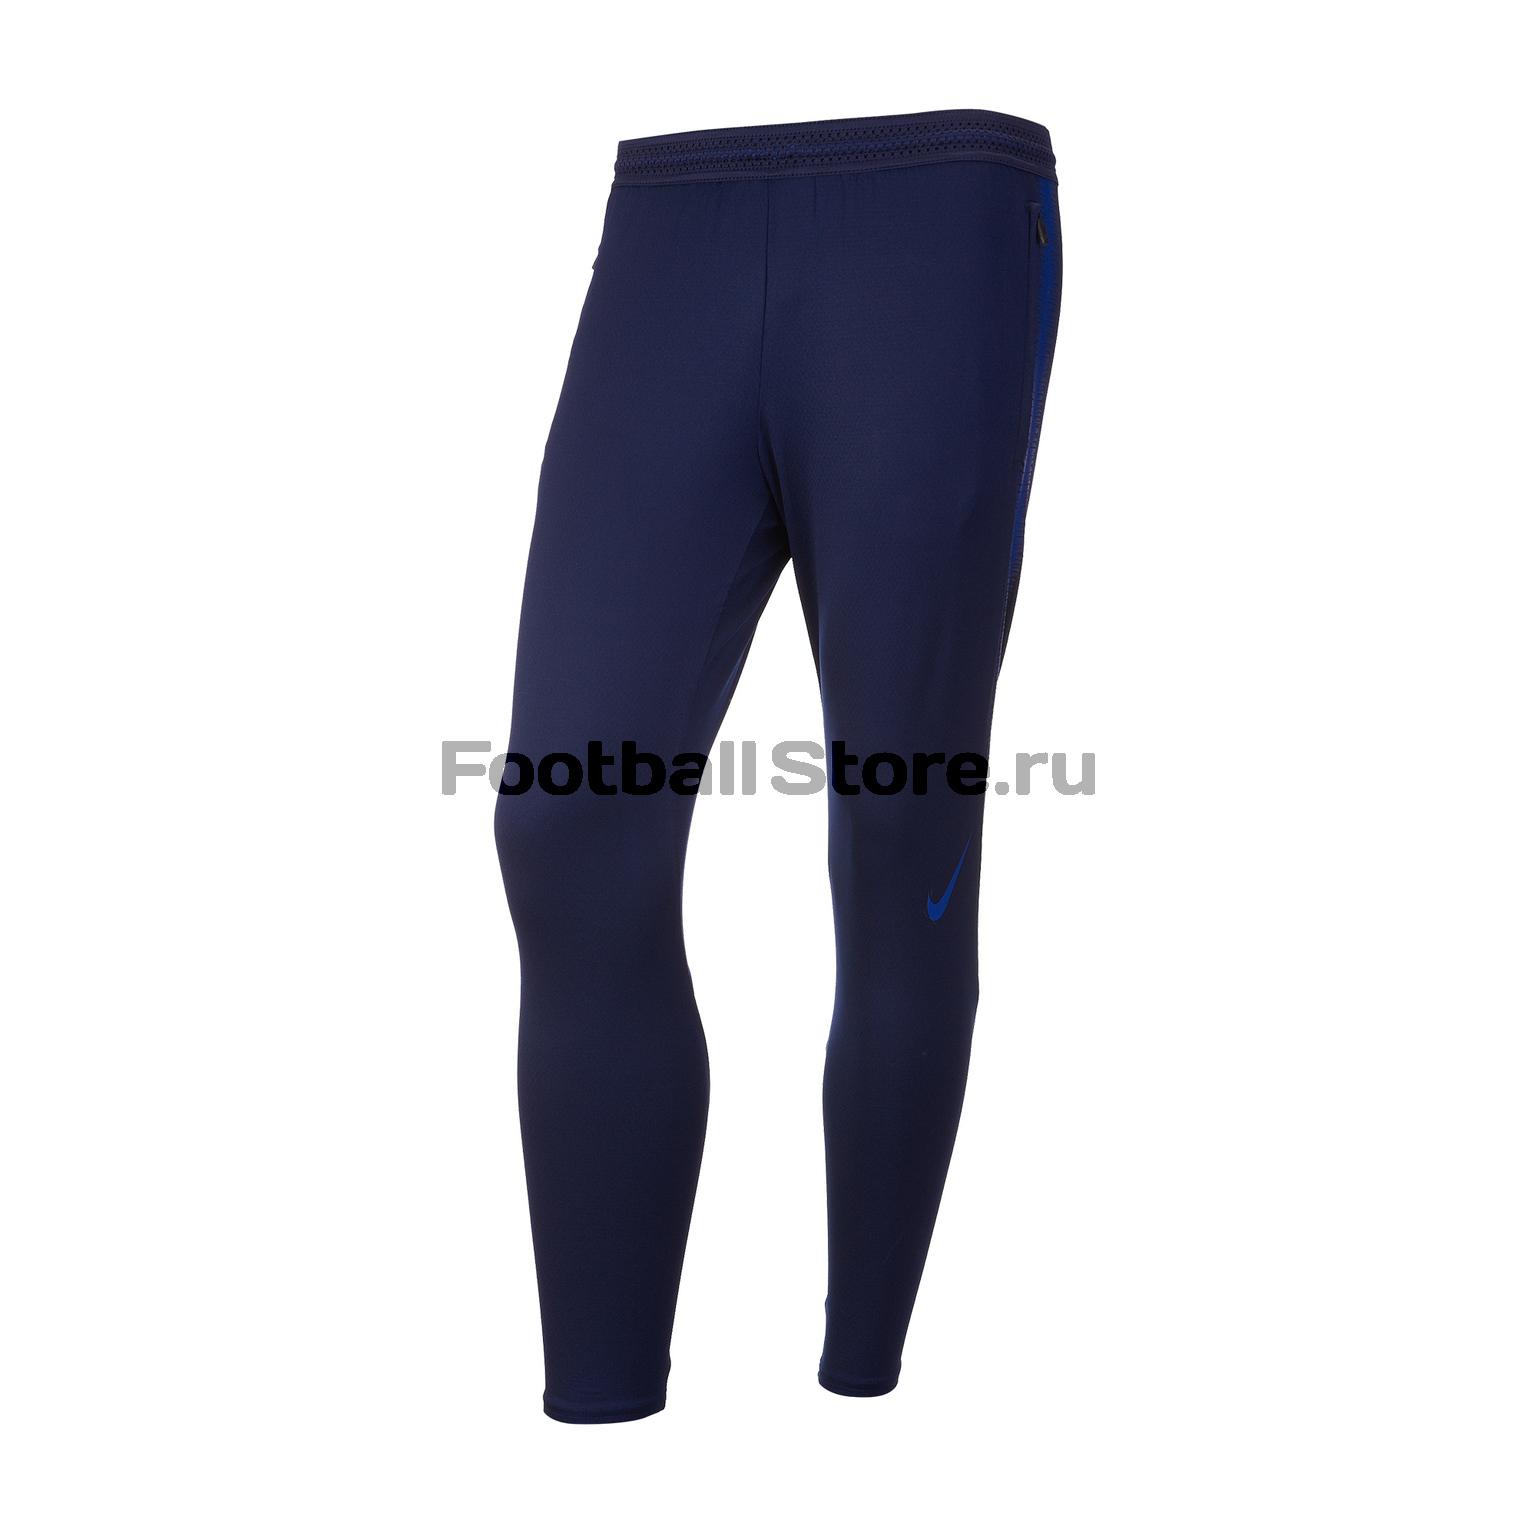 Брюки тренировочные Nike Strike Flex Football Pants 902586-416